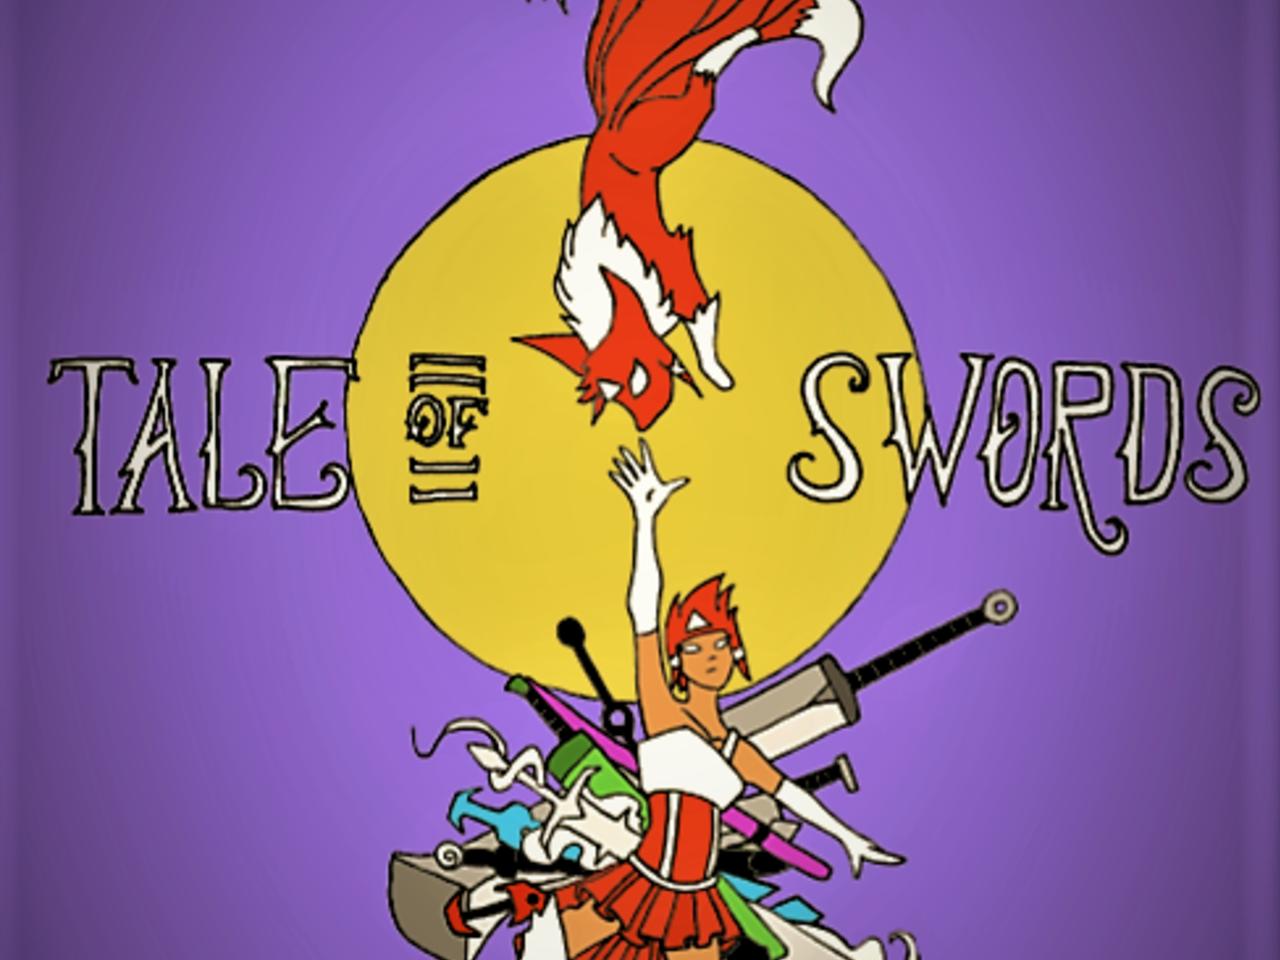 Tale of Swords